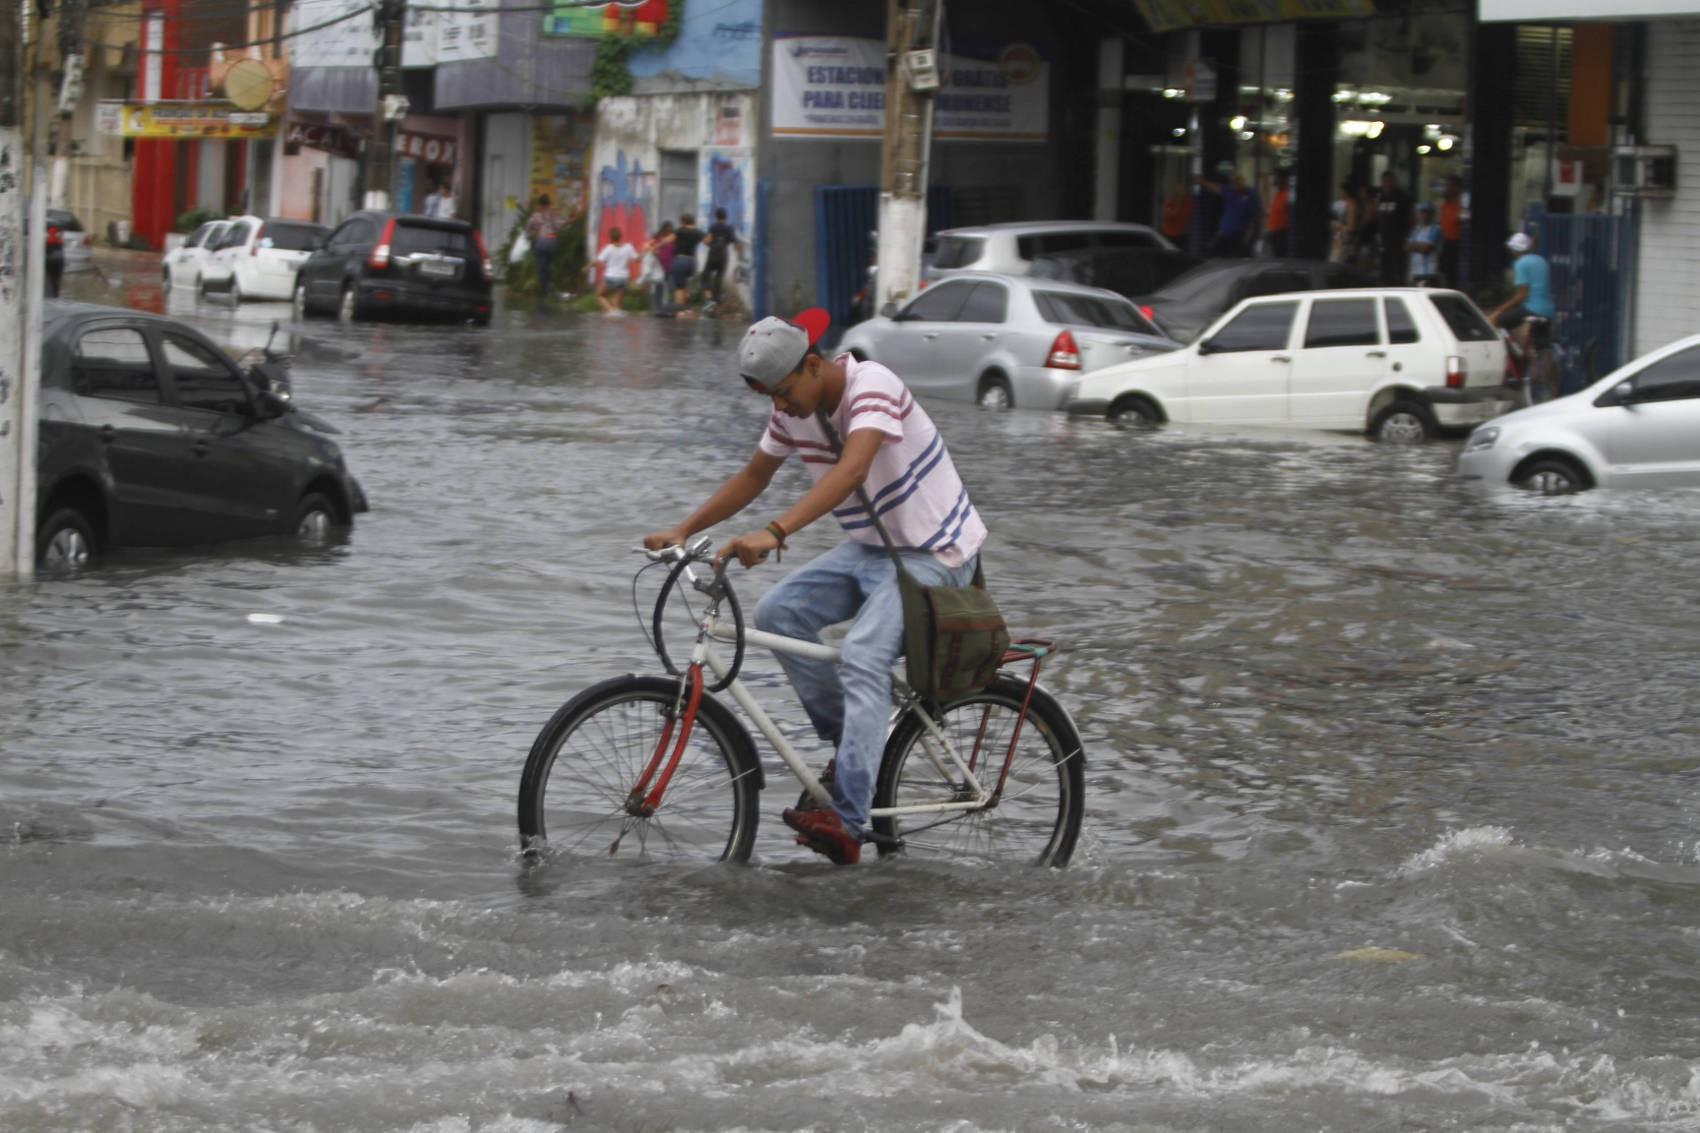 Prefeitura emite alerta para riscos de alagamentos devido chuvas e maré alta em Belém - Noticias